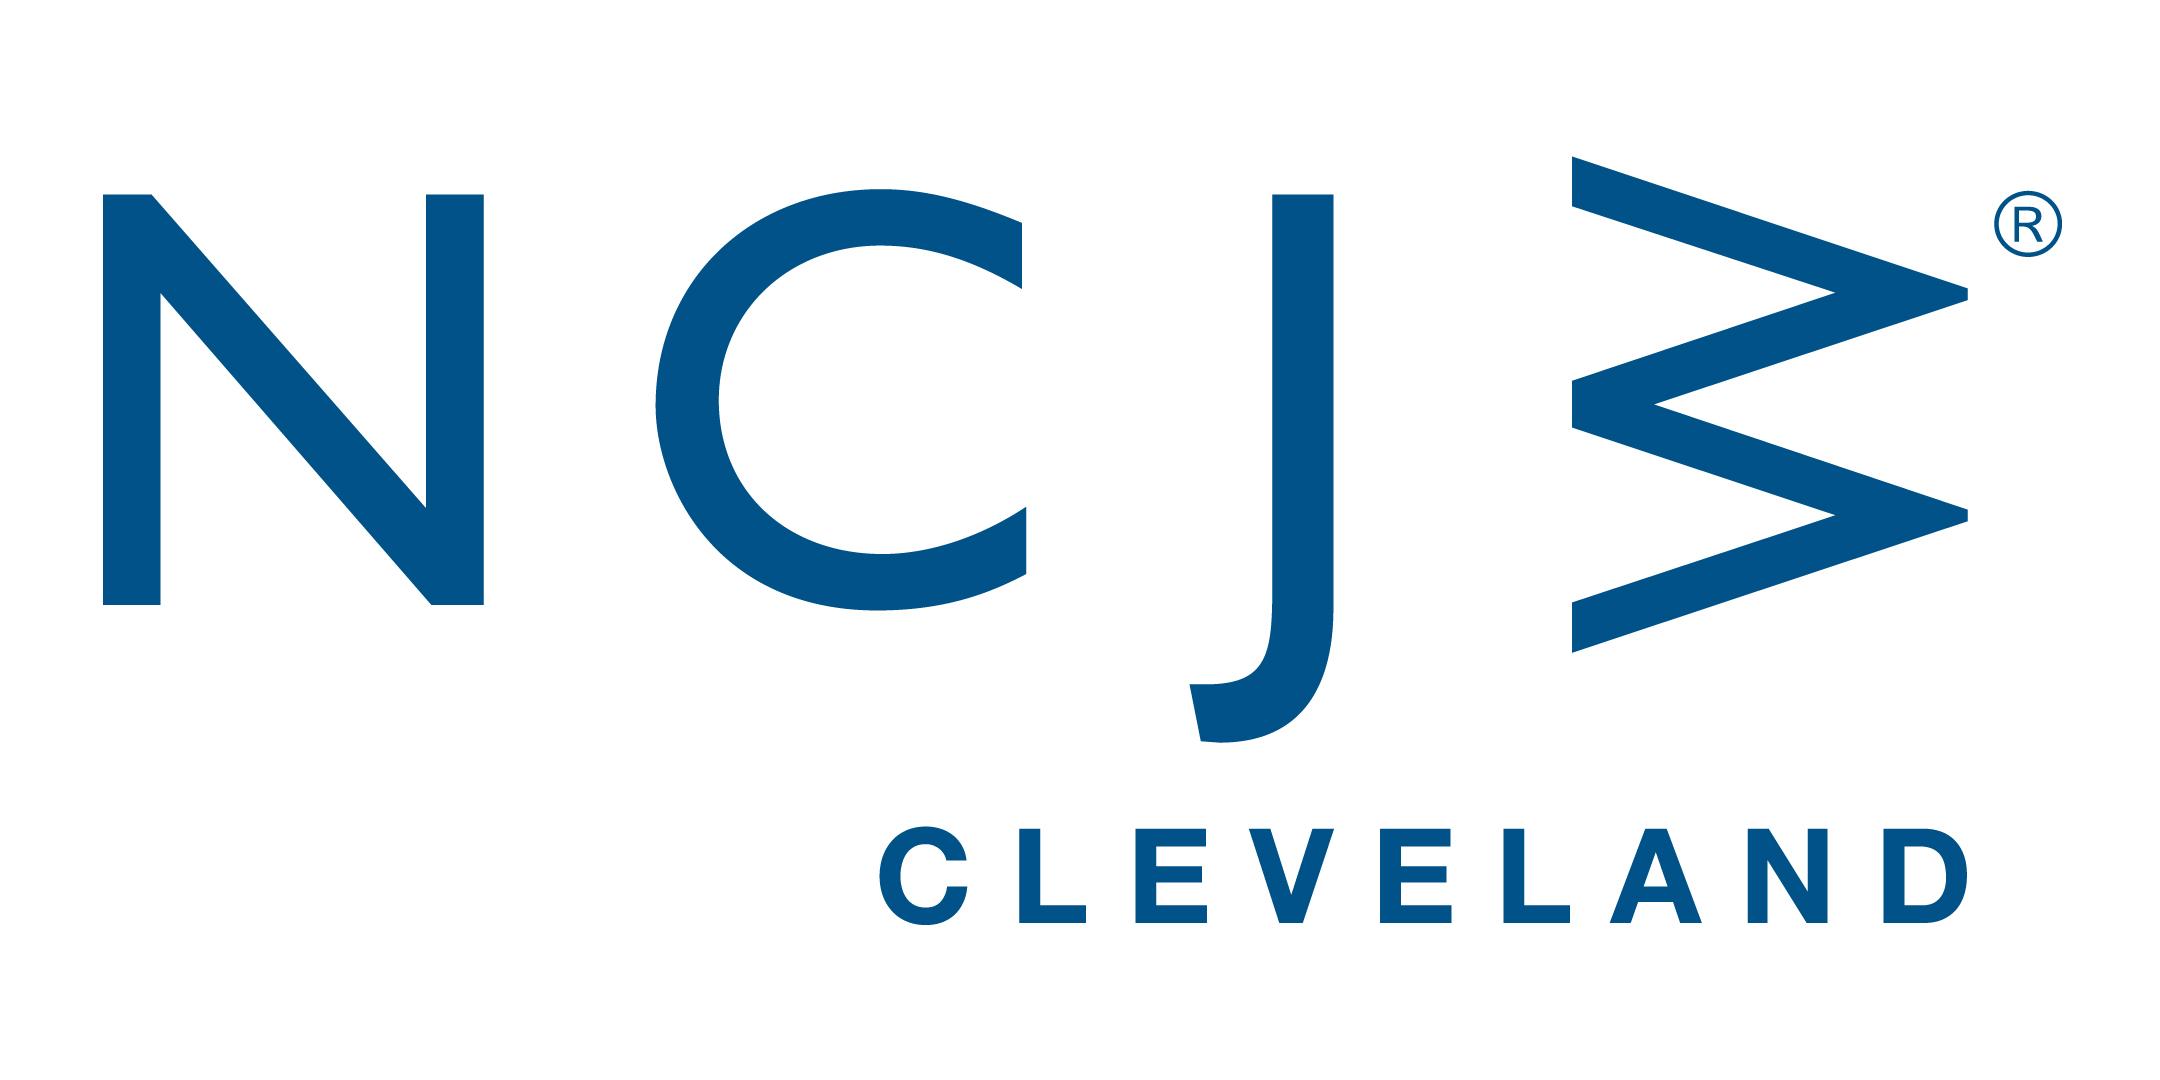 NCJW-Cleveland-Logo-Large.jpg